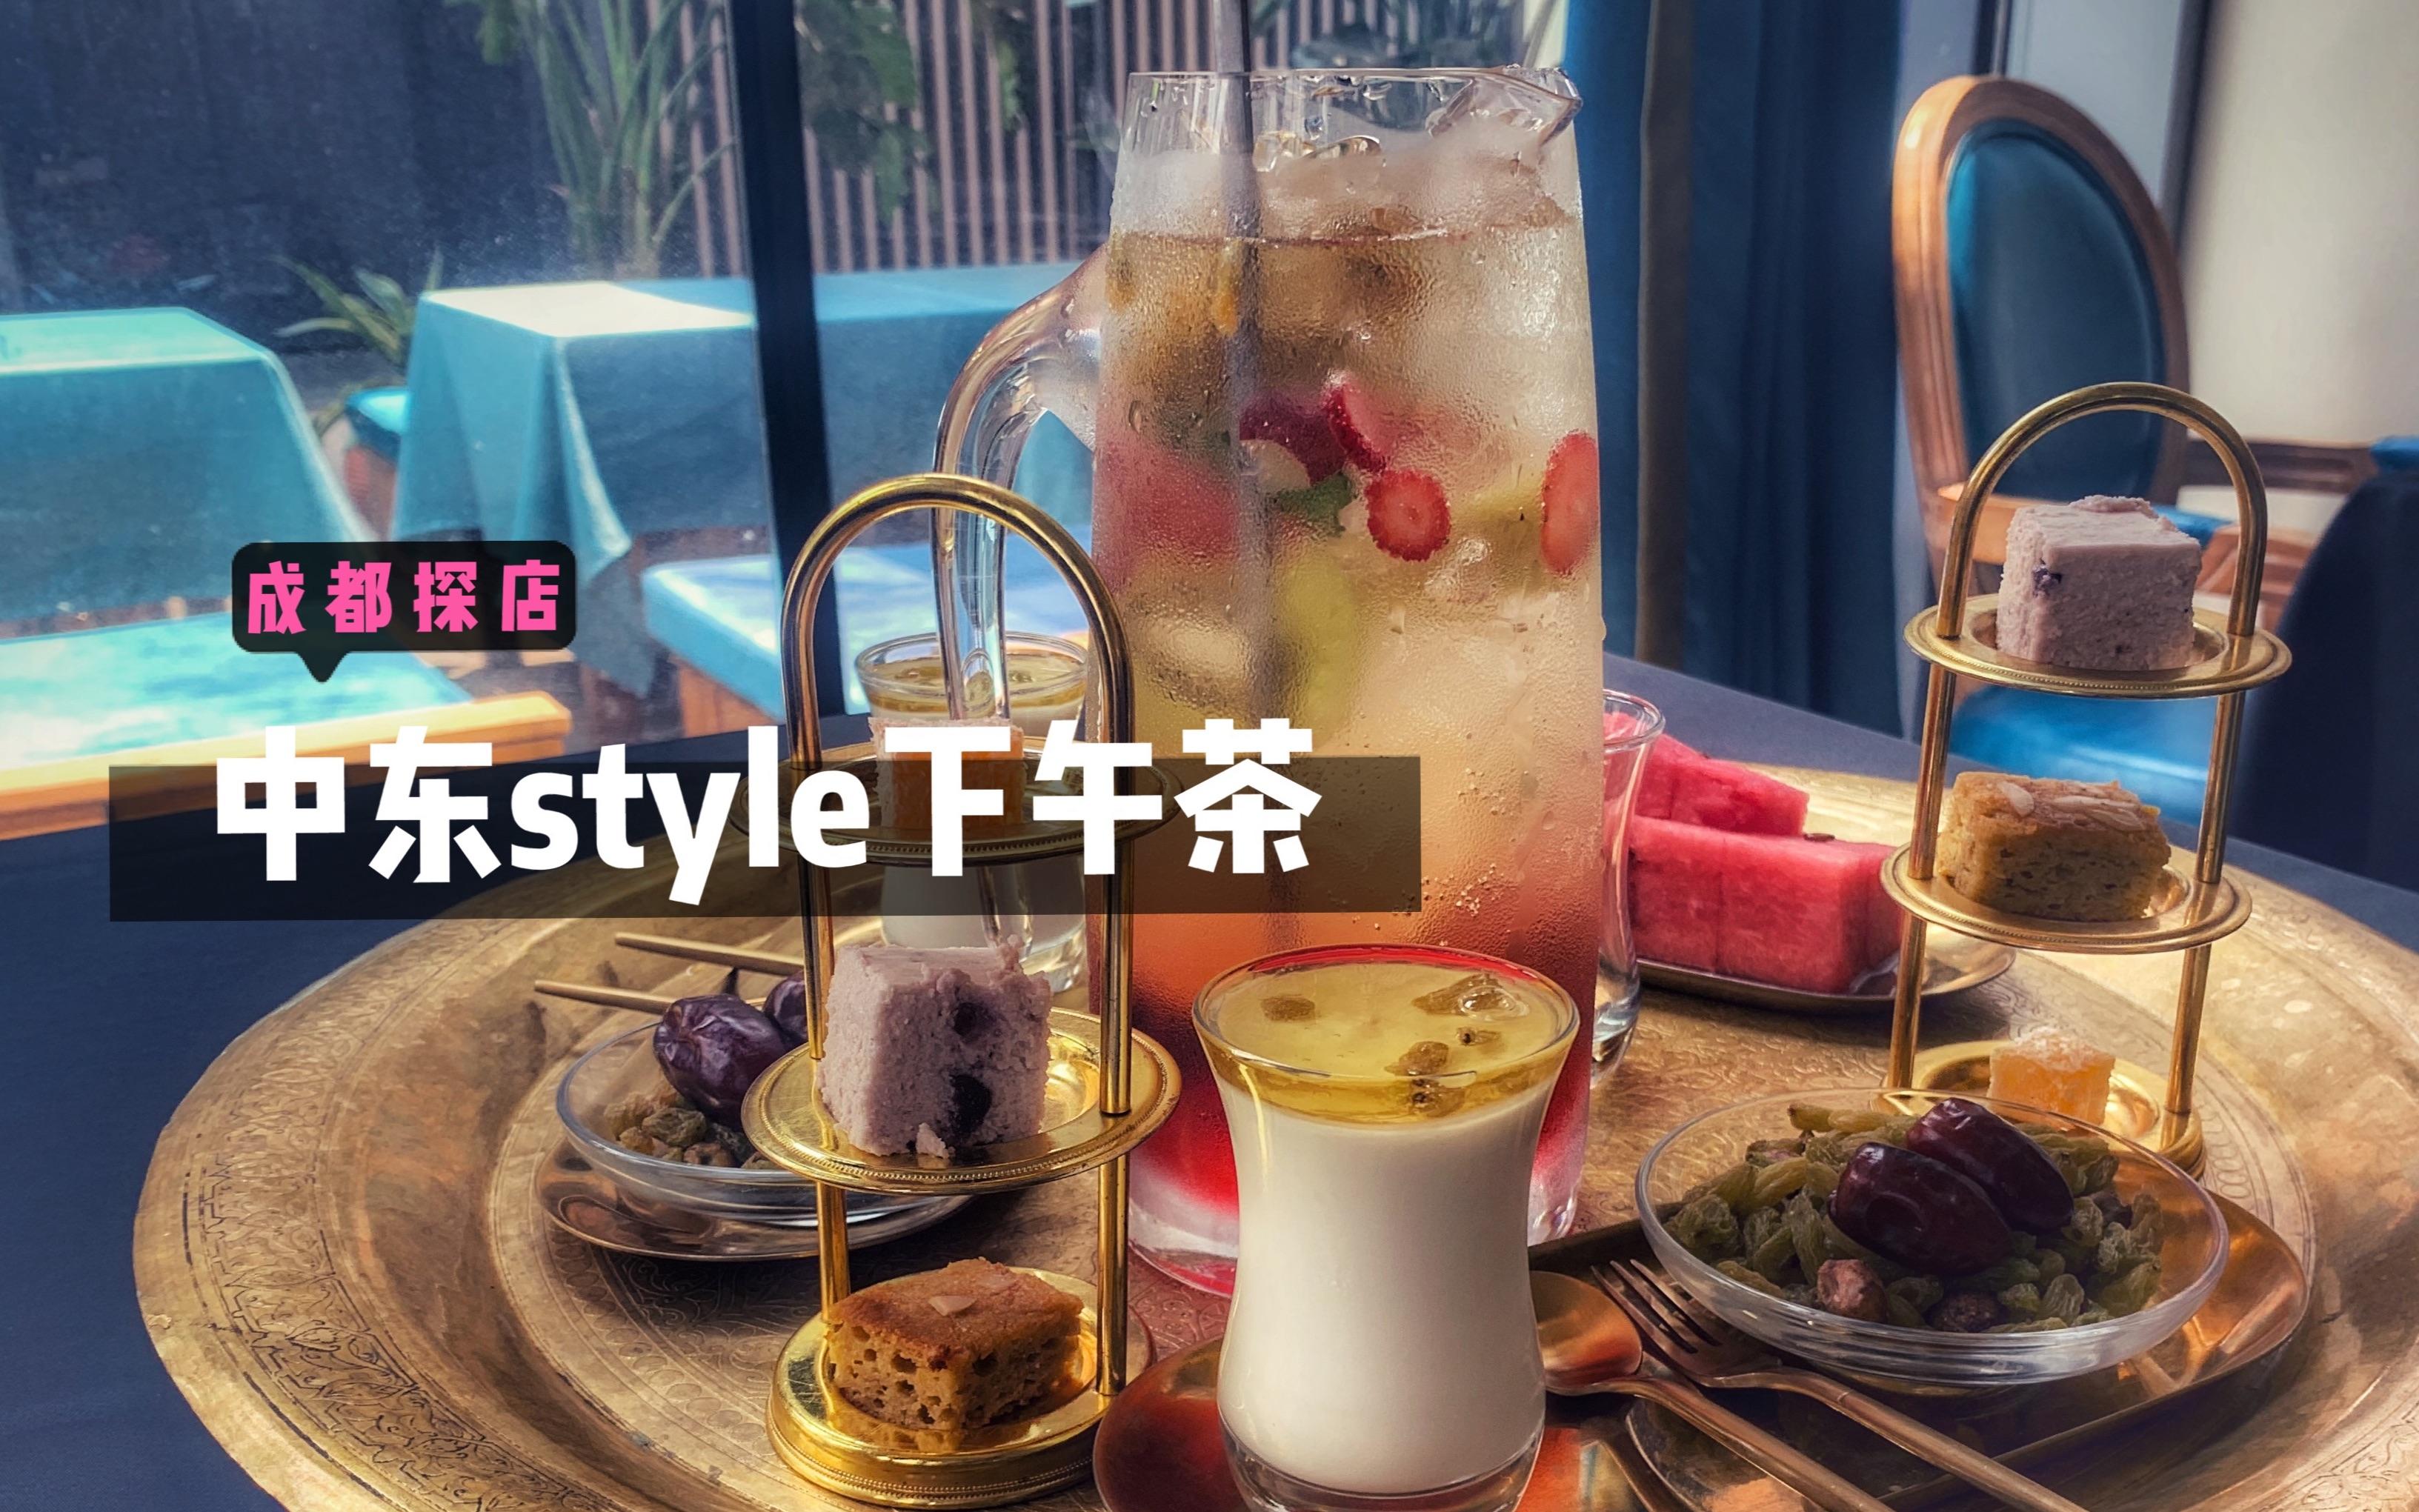 成都探店|苏坦中东料理, 体验中东风的下午茶~#带你吃遍成都, 不踩雷#